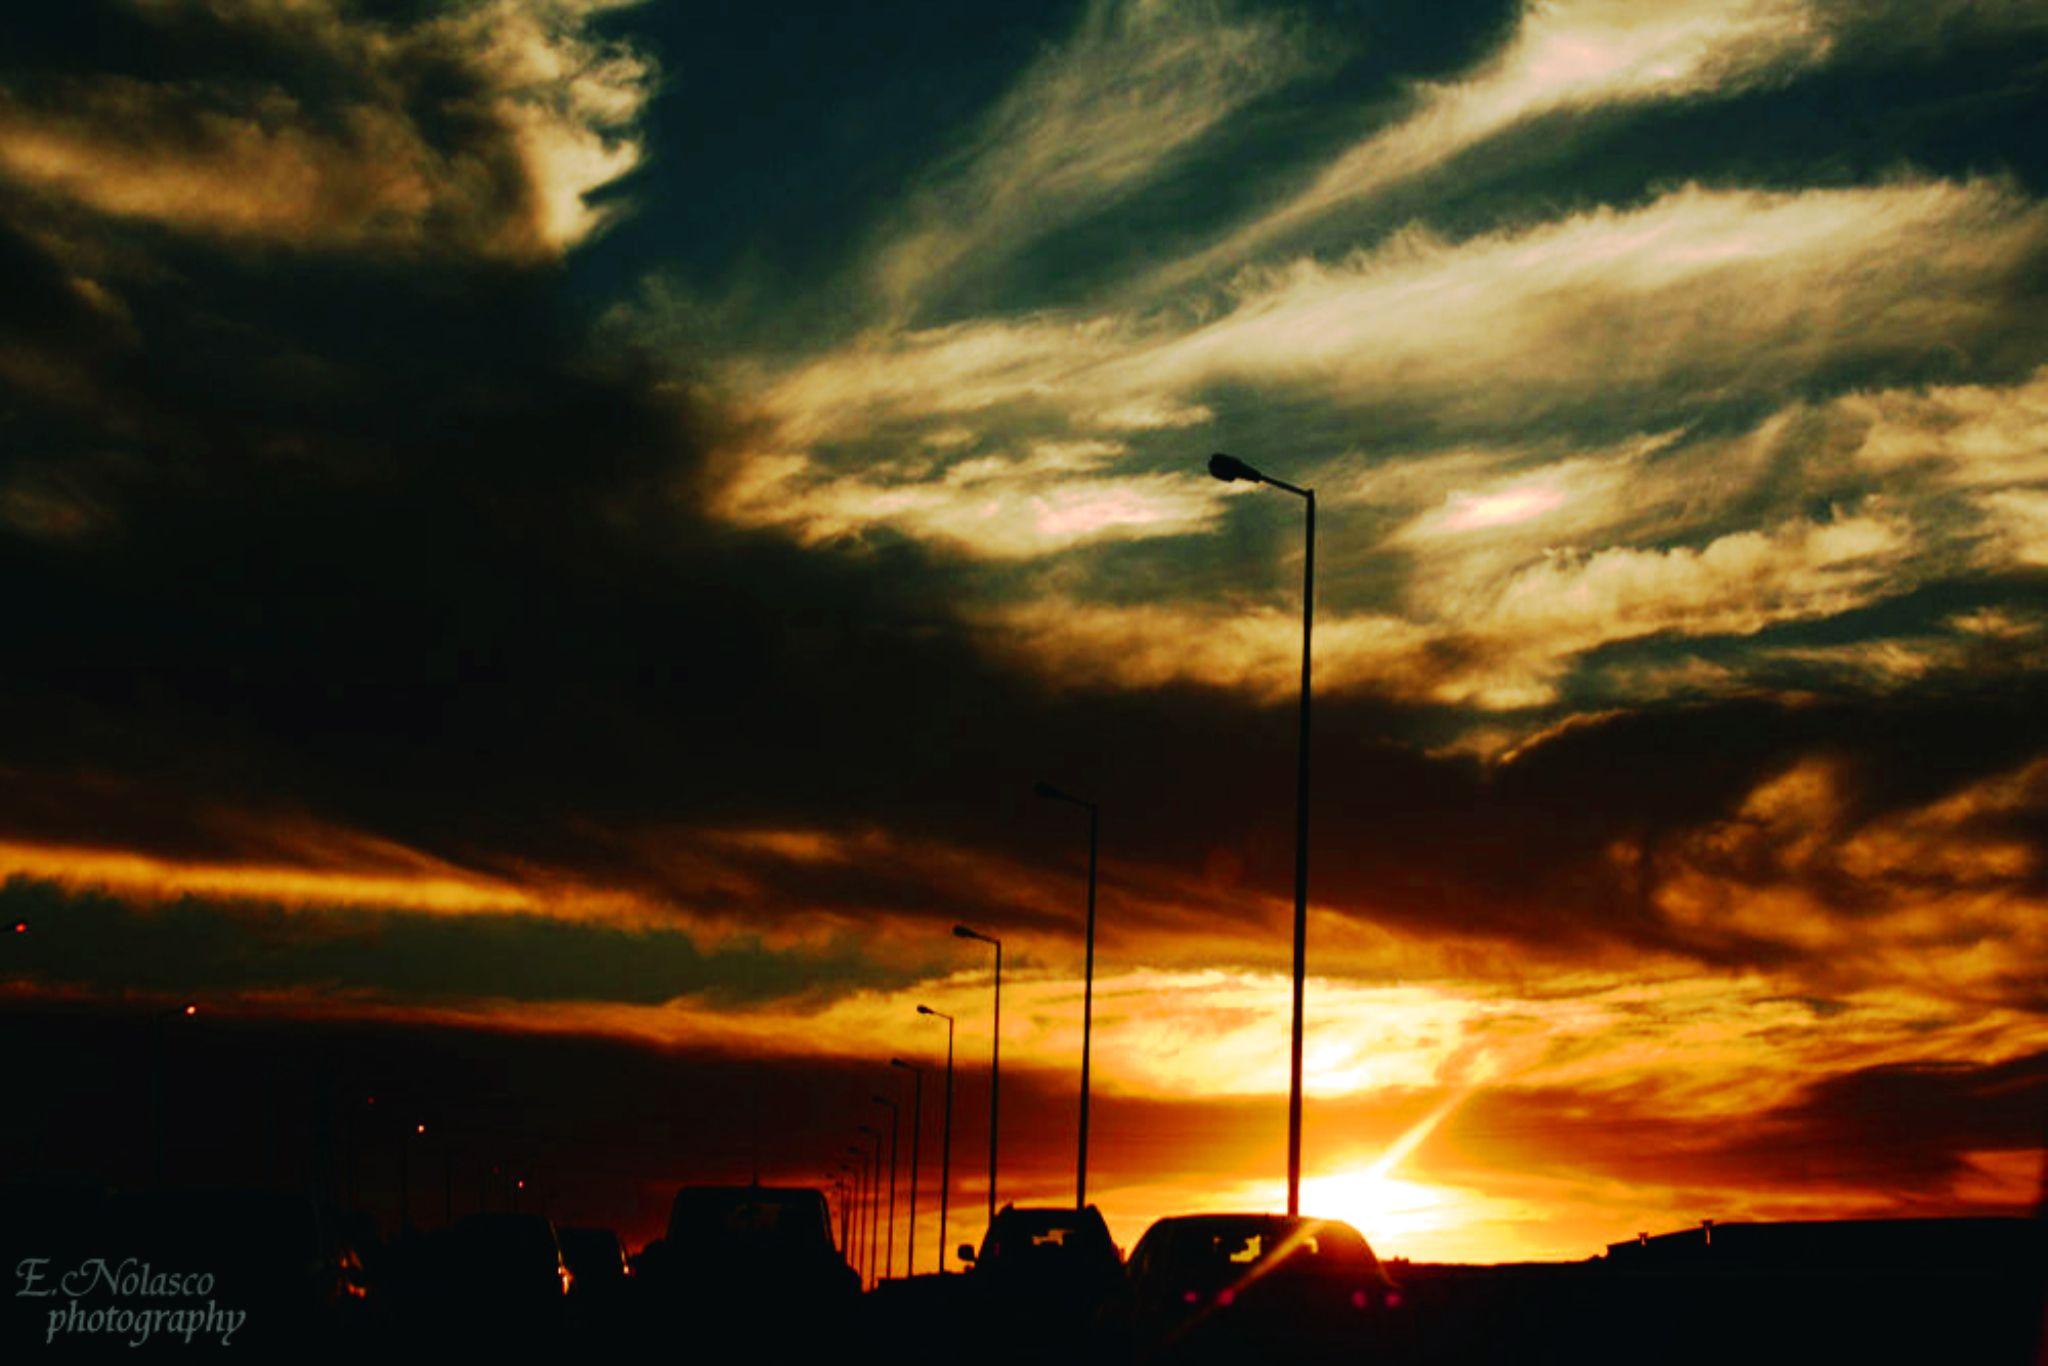 SUNSET by Elichander Nolasco